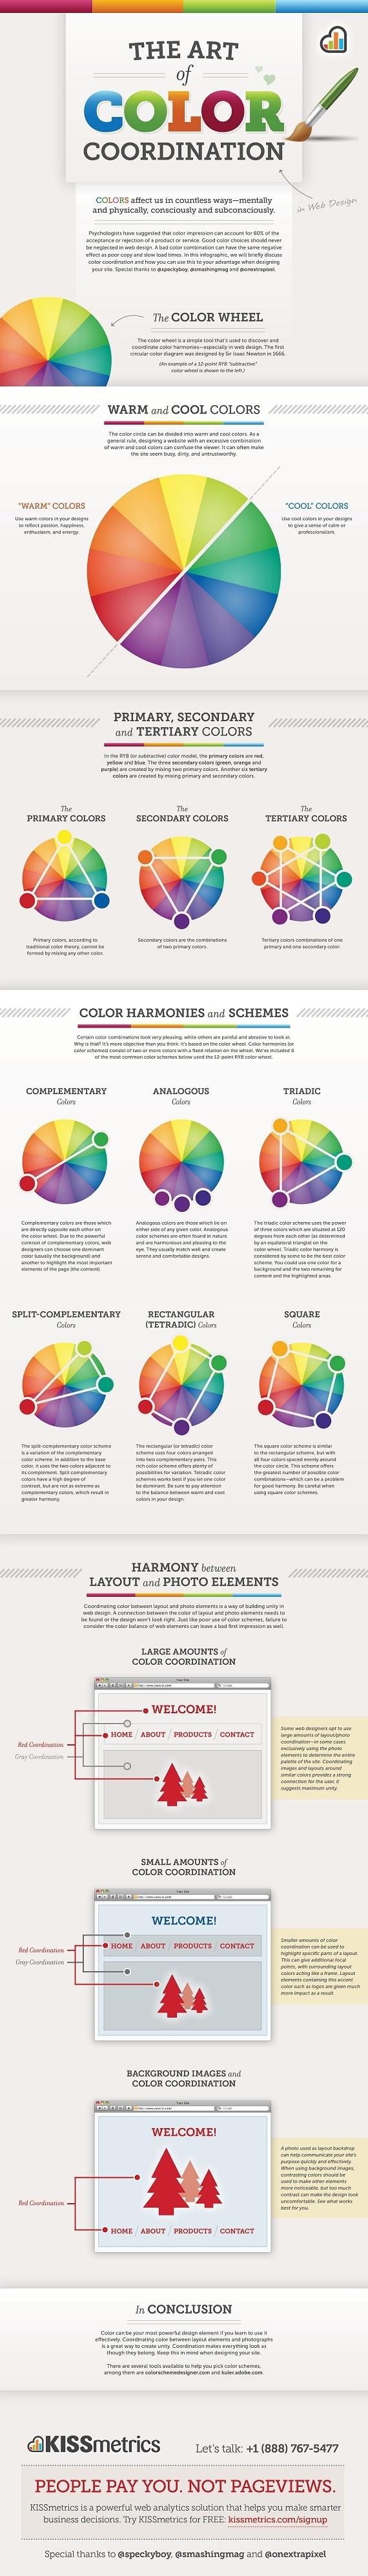 Искусство сочетания цветов - яркий путь к высокой конверсии